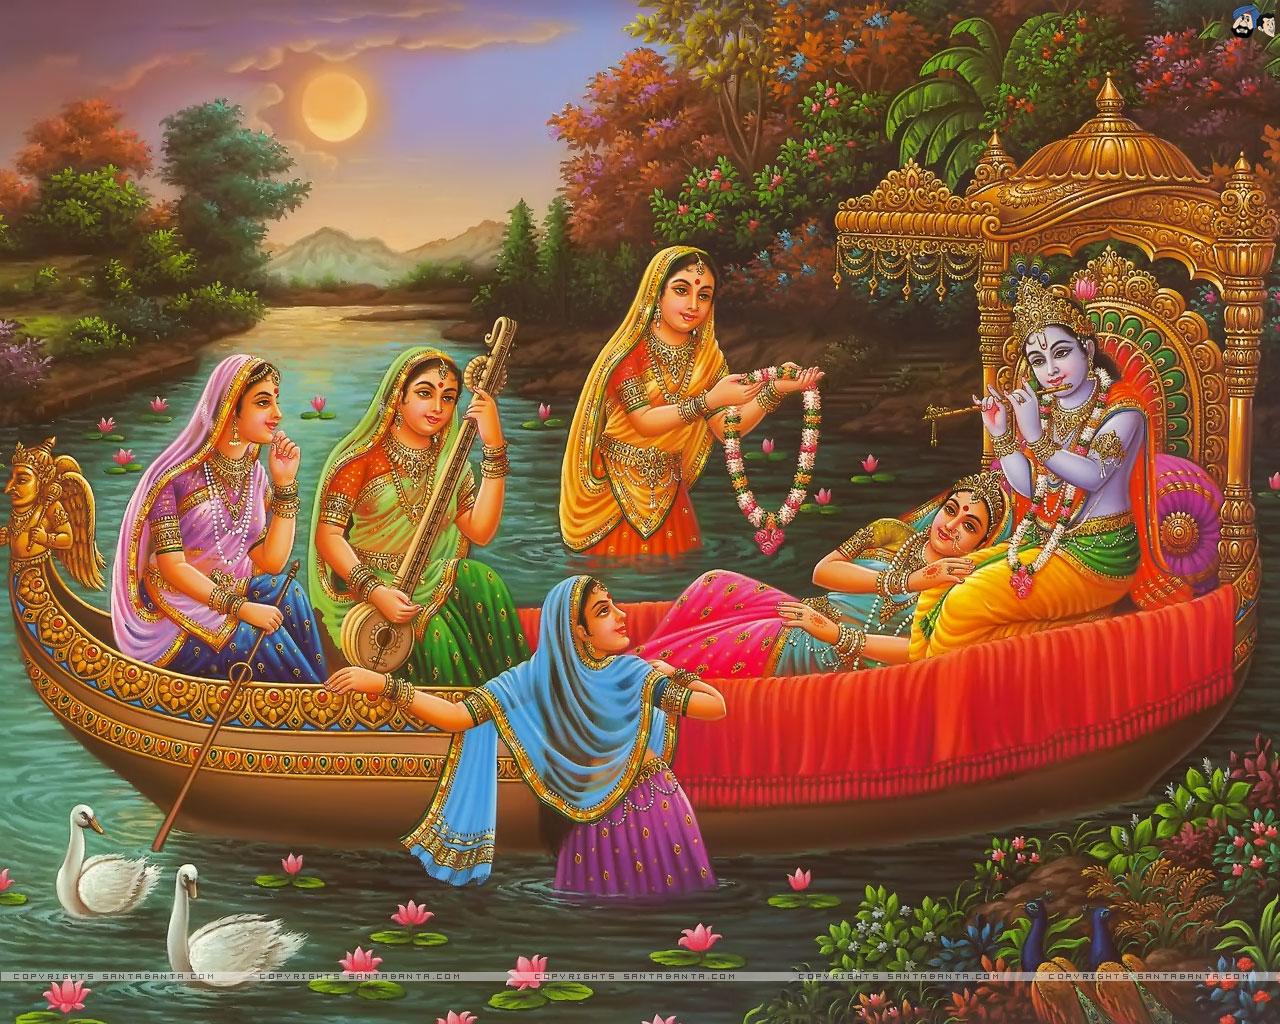 Must see Wallpaper Lord Krishna - lord-krishna-62e  Best Photo Reference_35270.jpg?__xt_download\u003d1